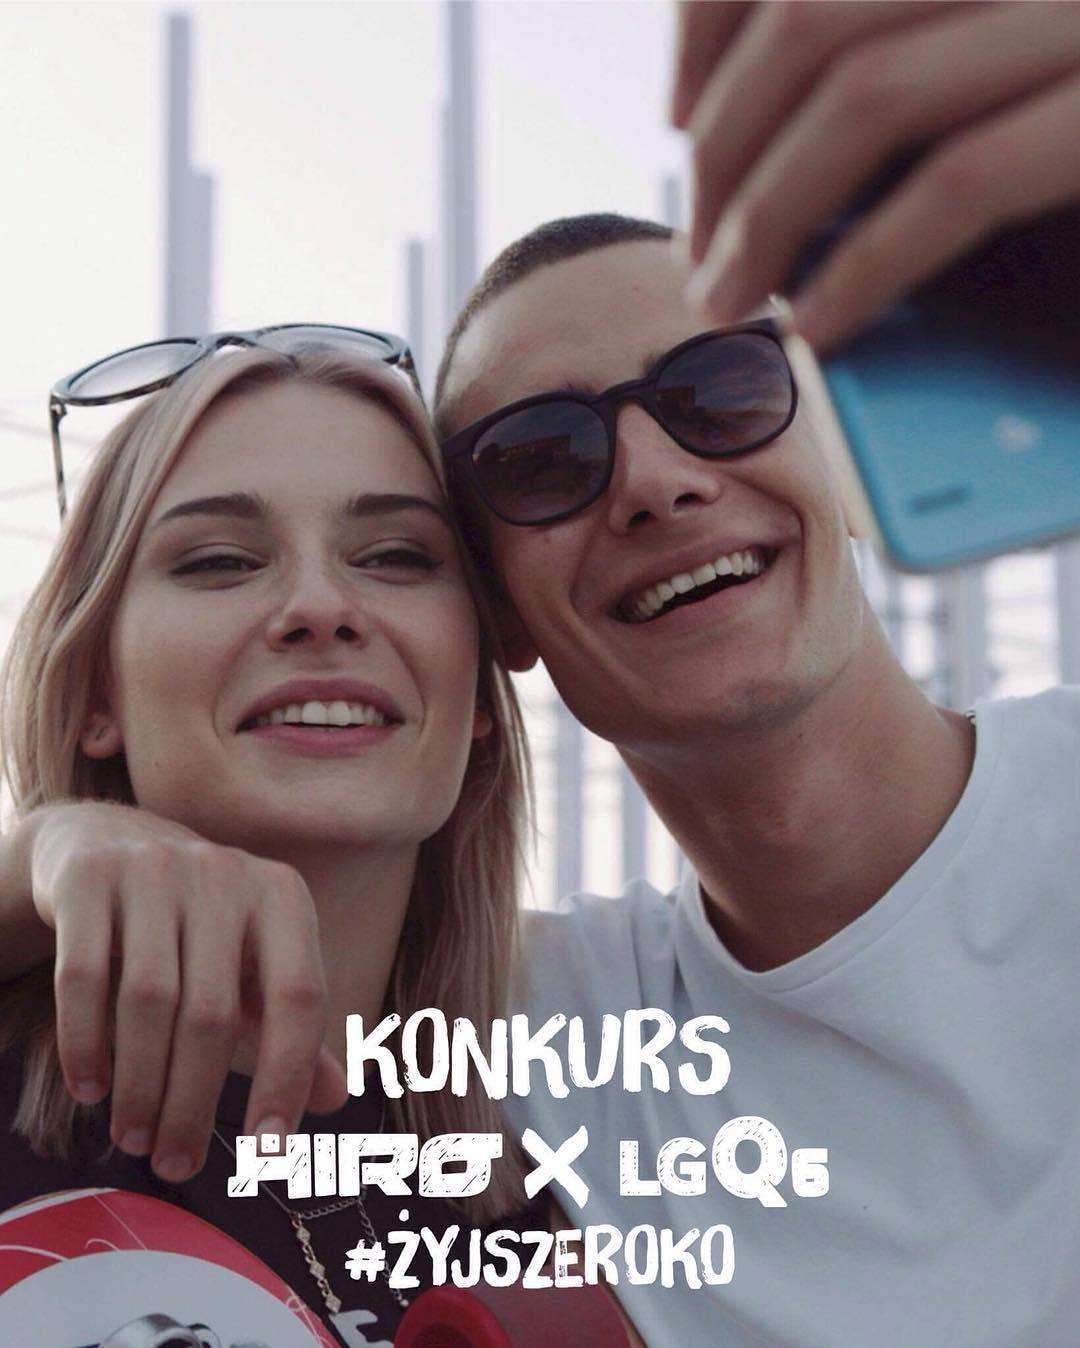 Uśmiechnięty chłopak i dziewczyna robiący sobie selfie